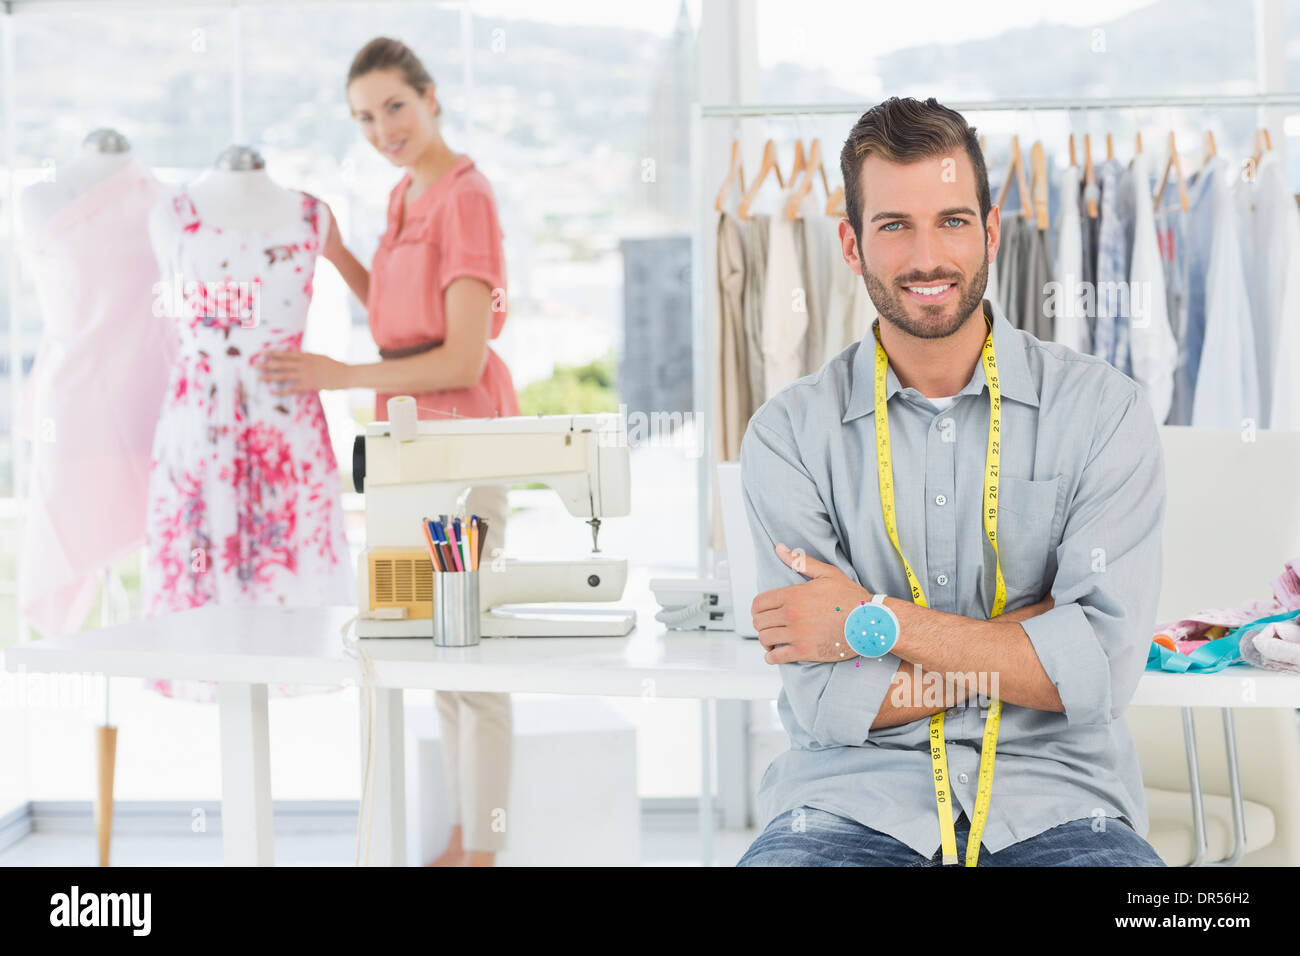 Porträt des Mannes mit dem weiblichen Modedesigner arbeiten im studio Stockbild